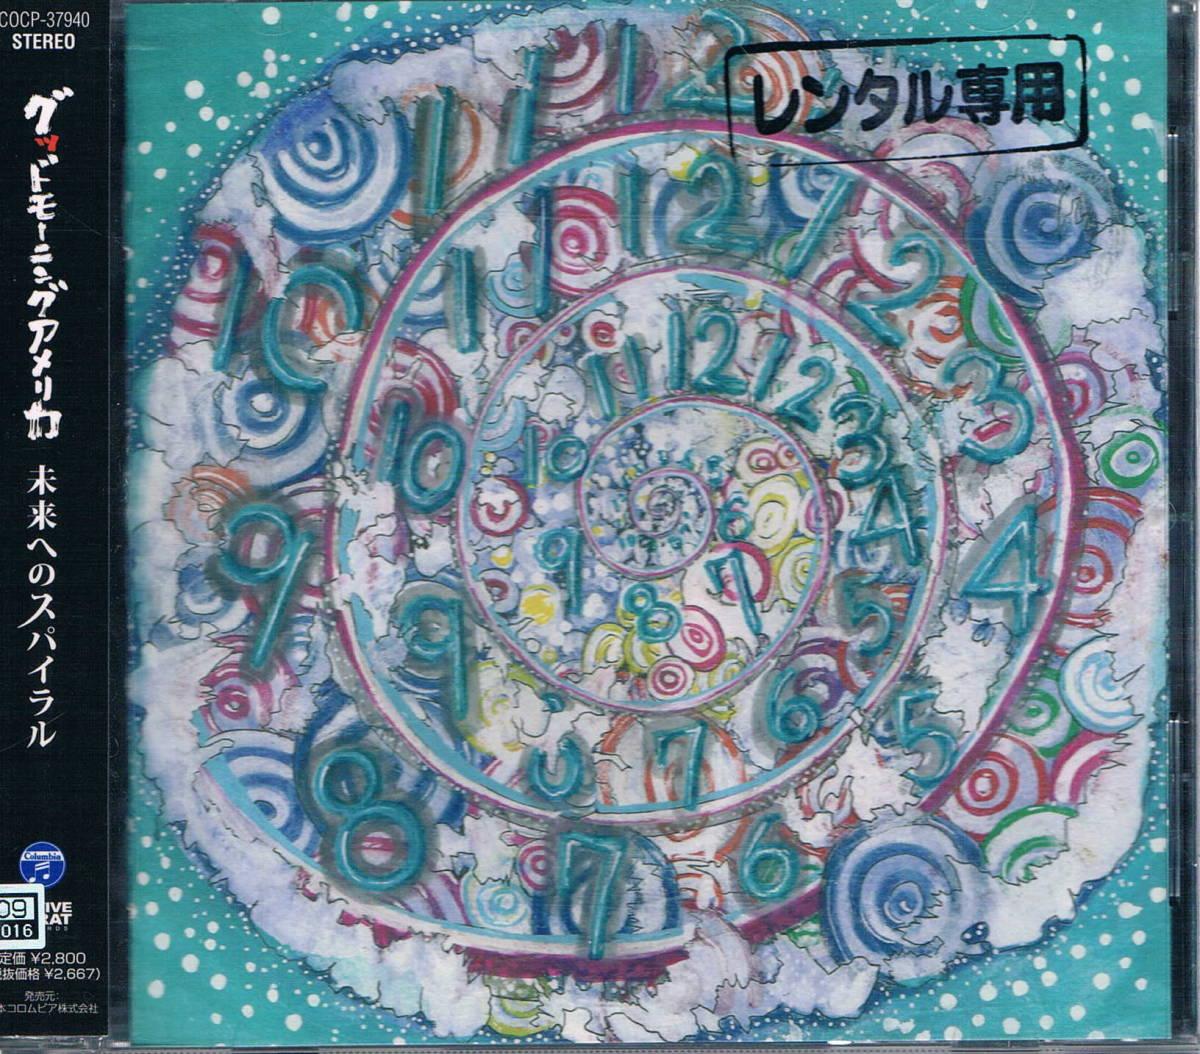 中古 グッドモーニングアメリカ 【未来へのスパイラル】 レンタル CD_画像1